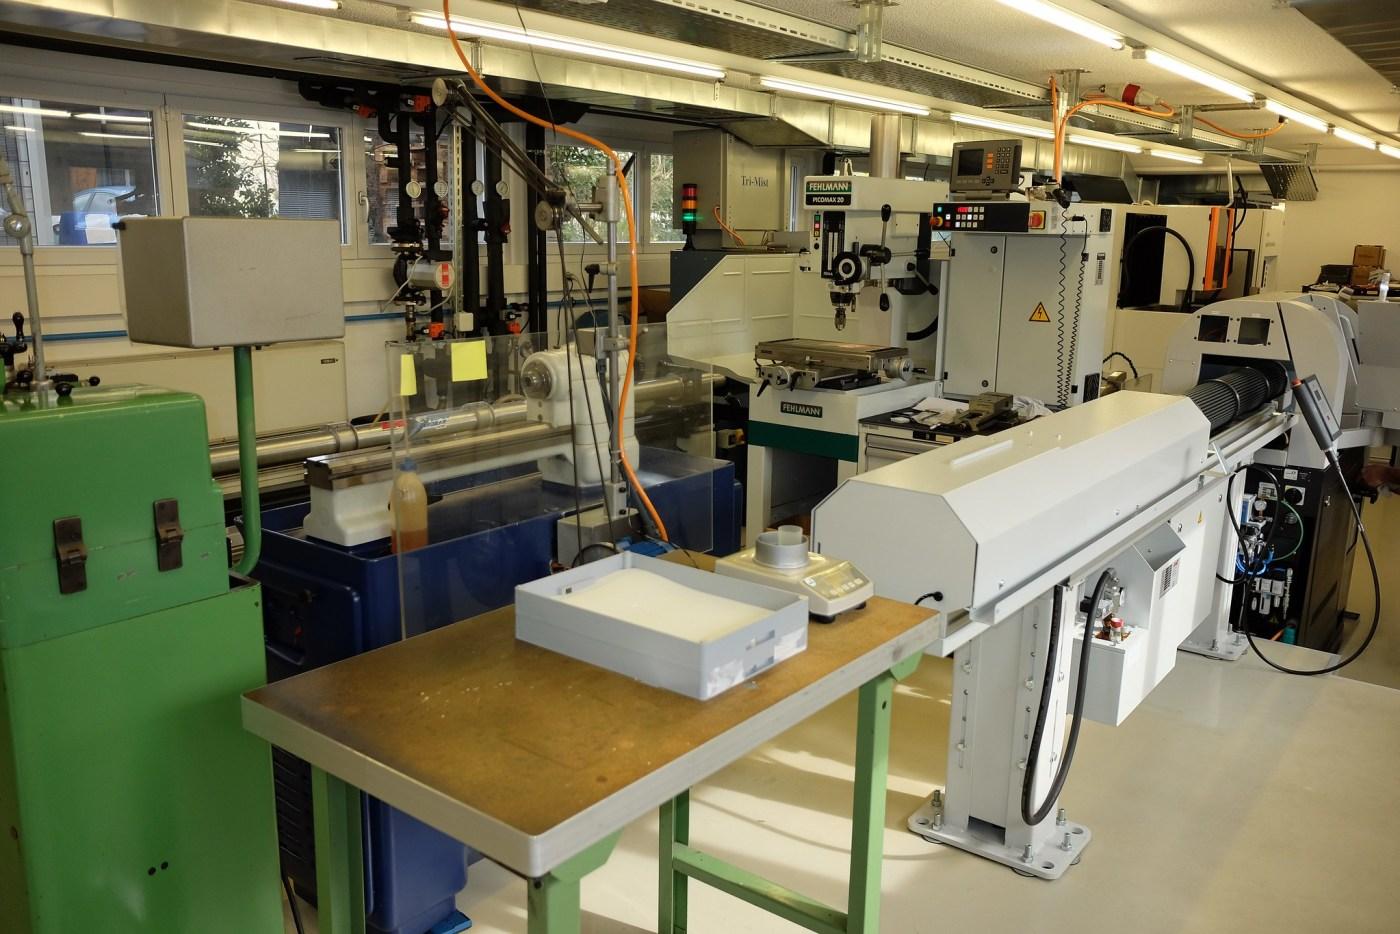 Armin Strom CNC department